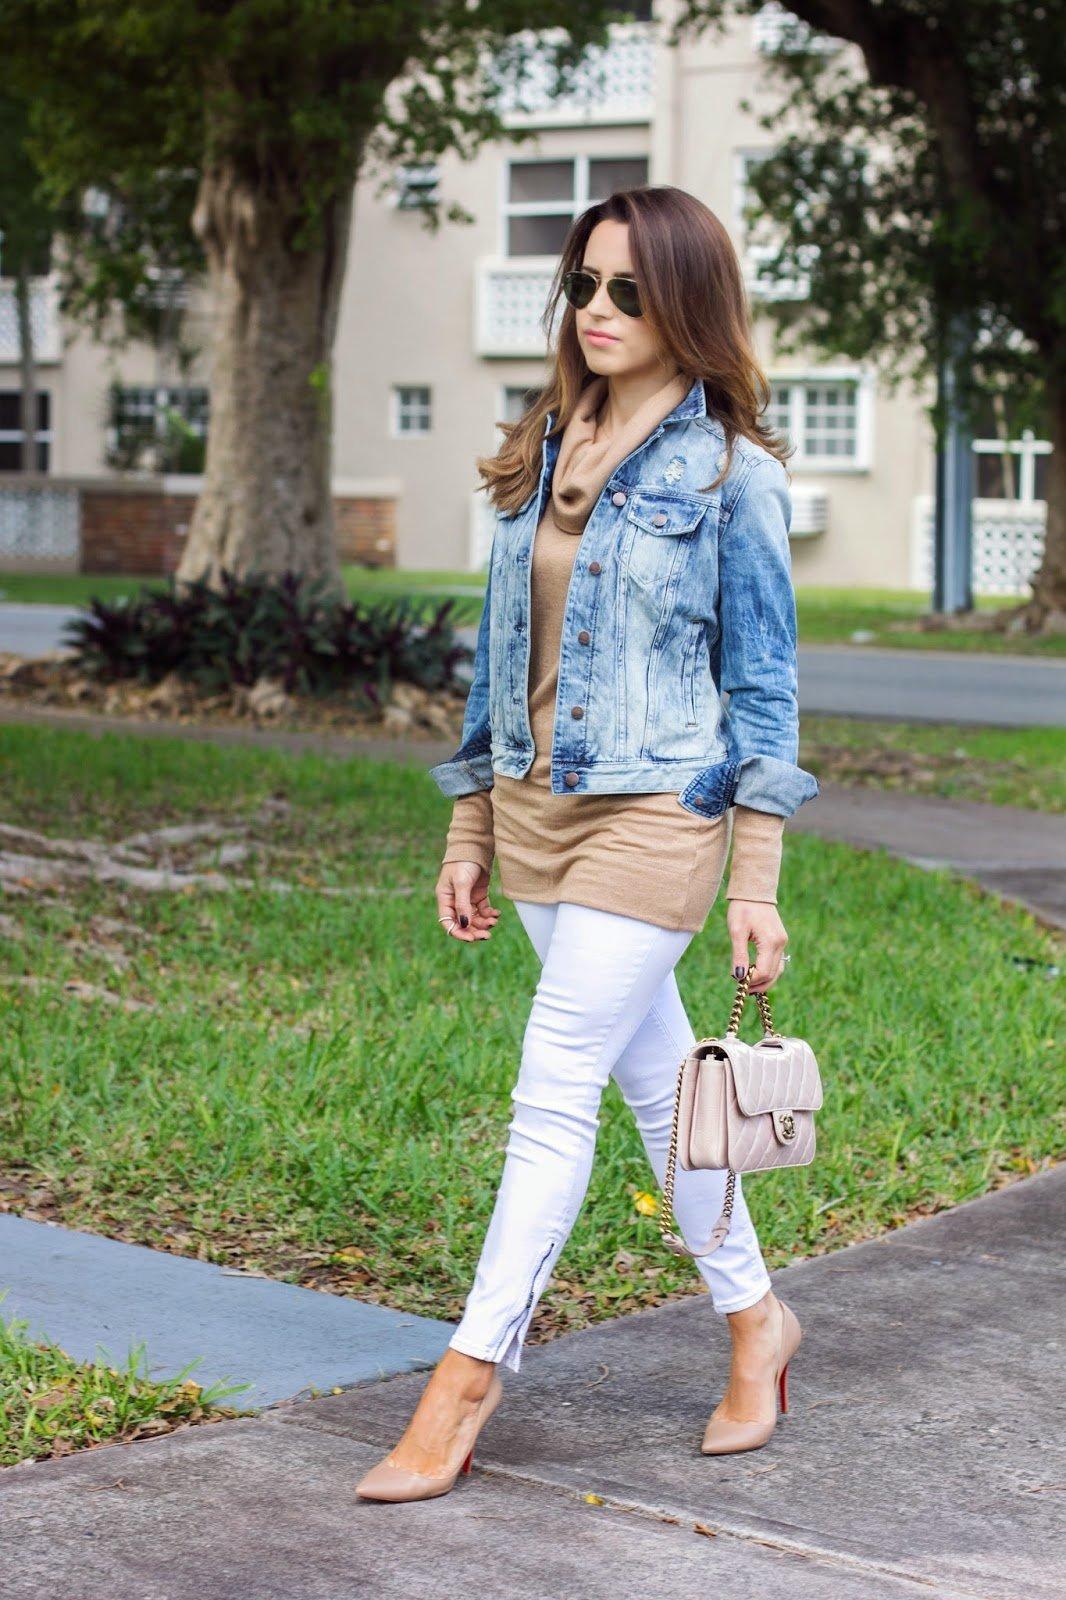 Miami Winter/White Jeans